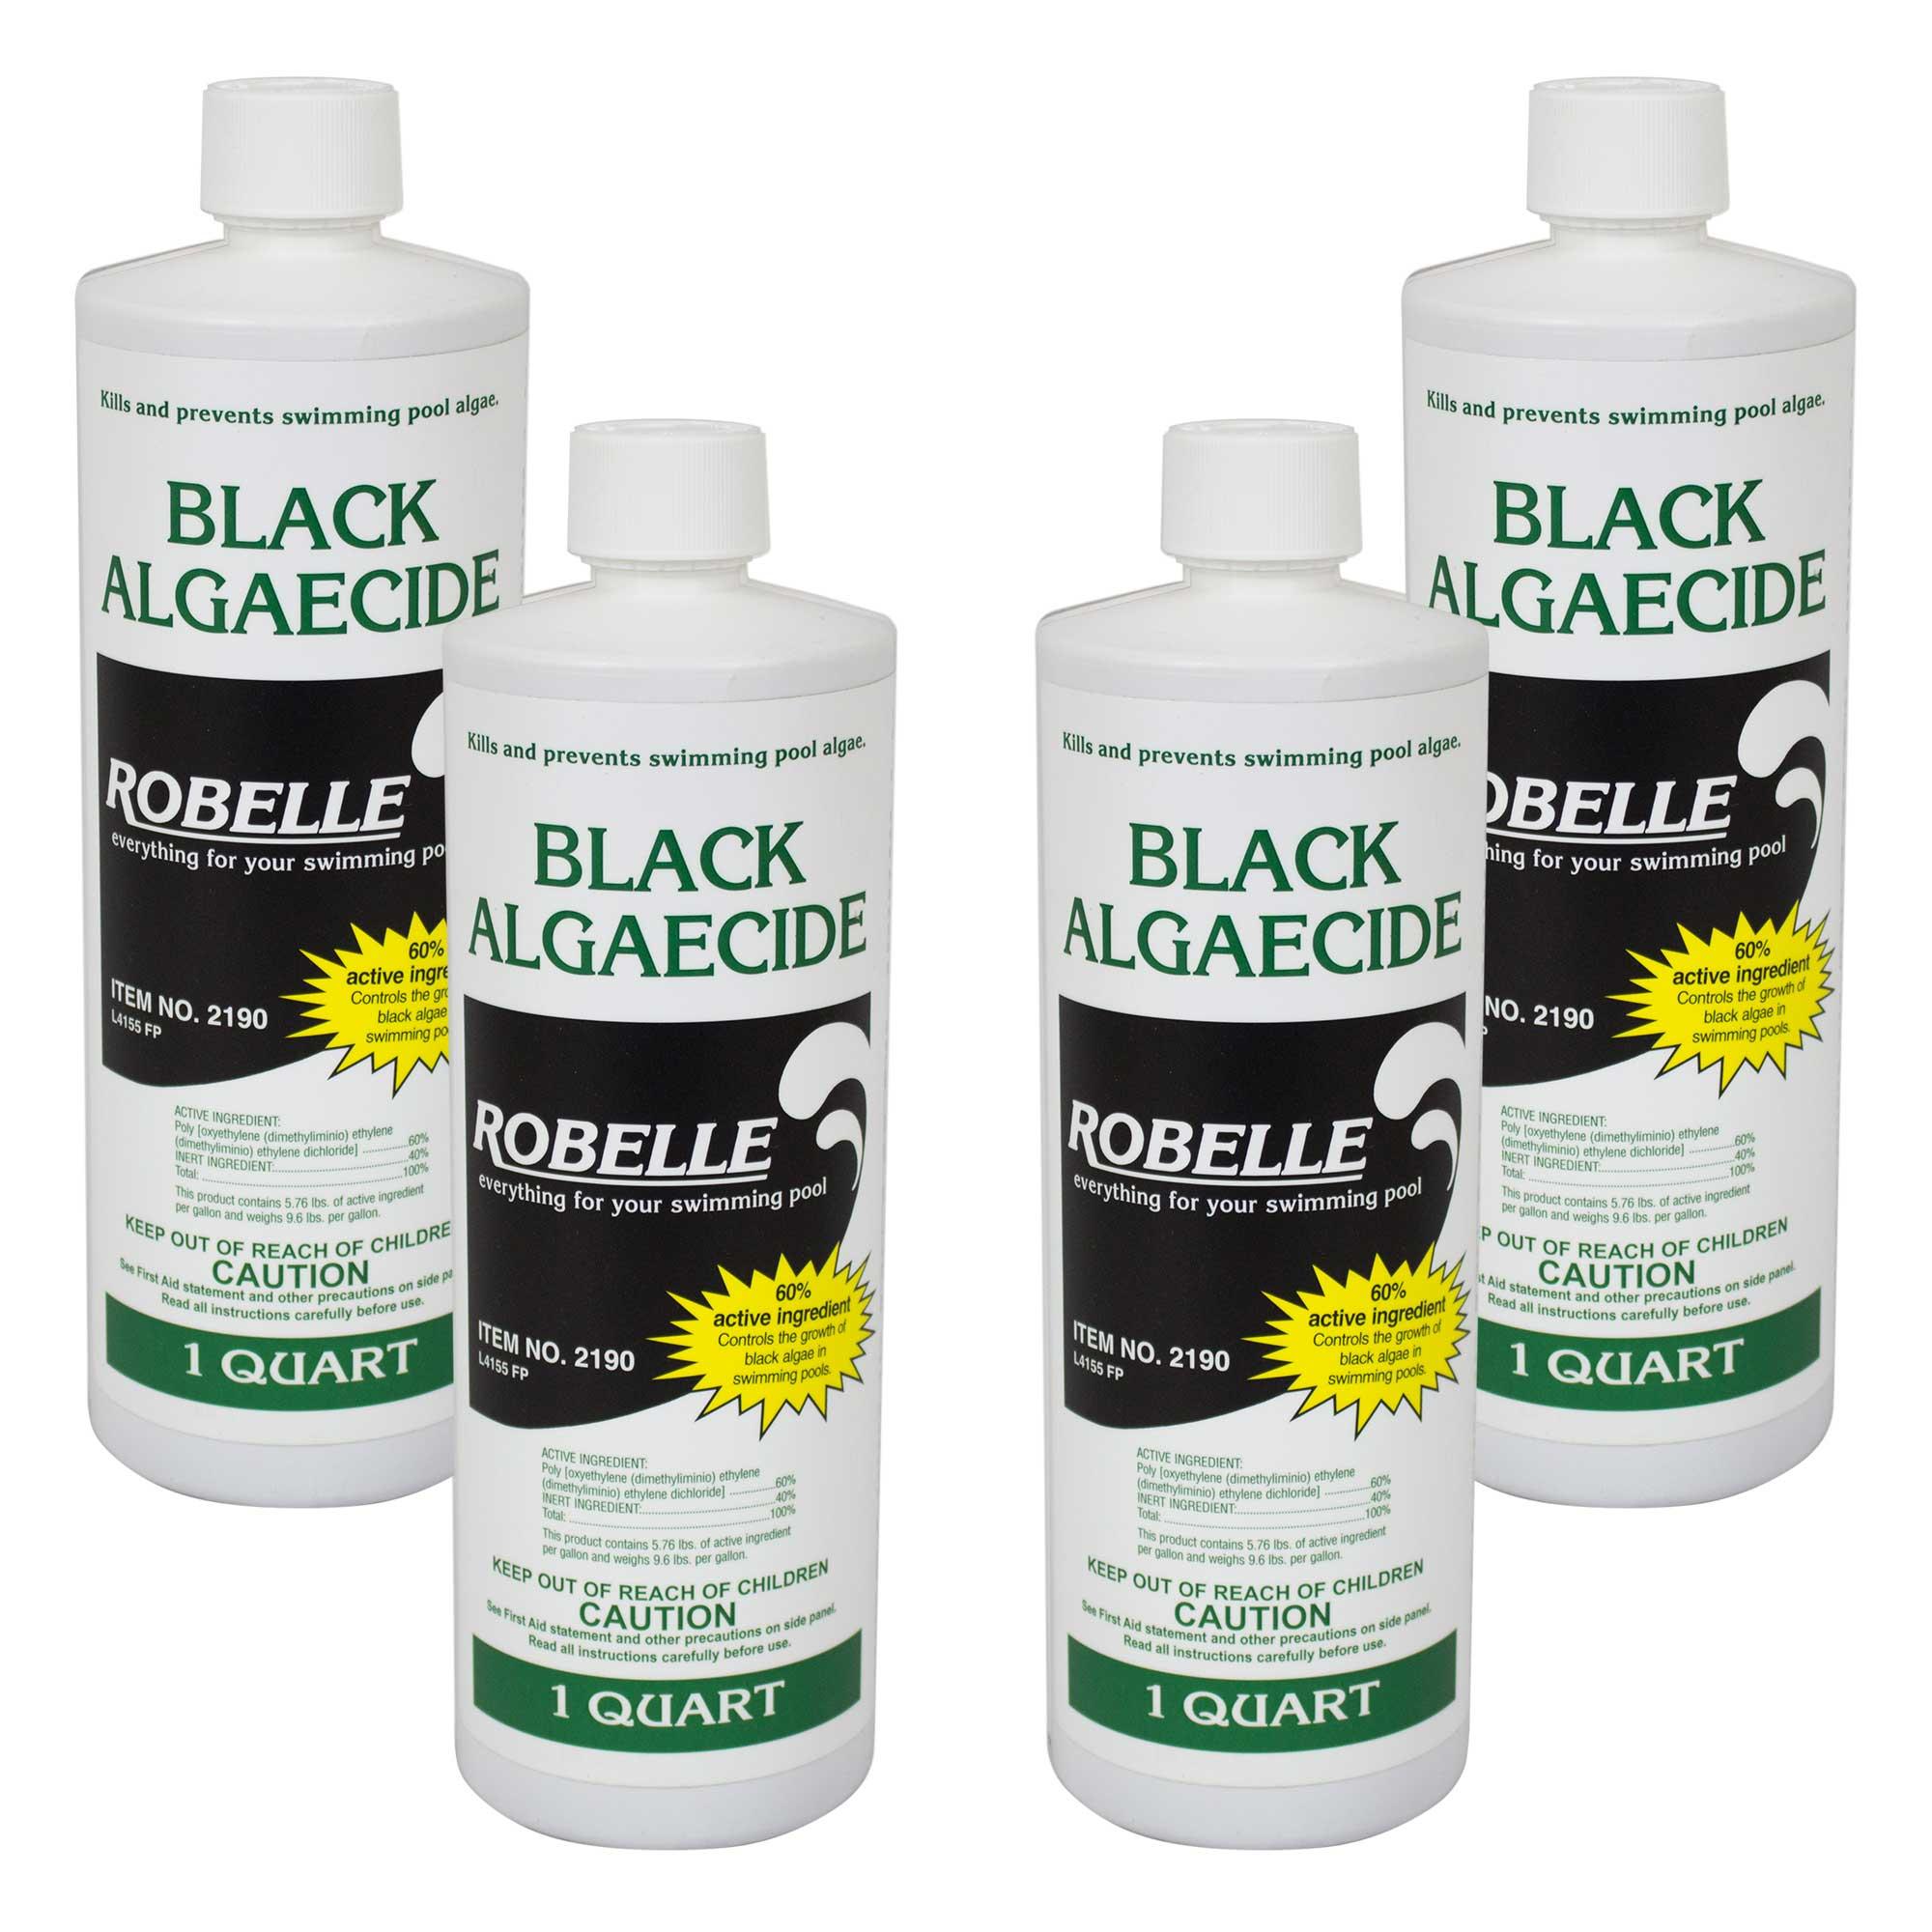 Robelle Black Algaecide 60 Non Foaming Swimming Pool